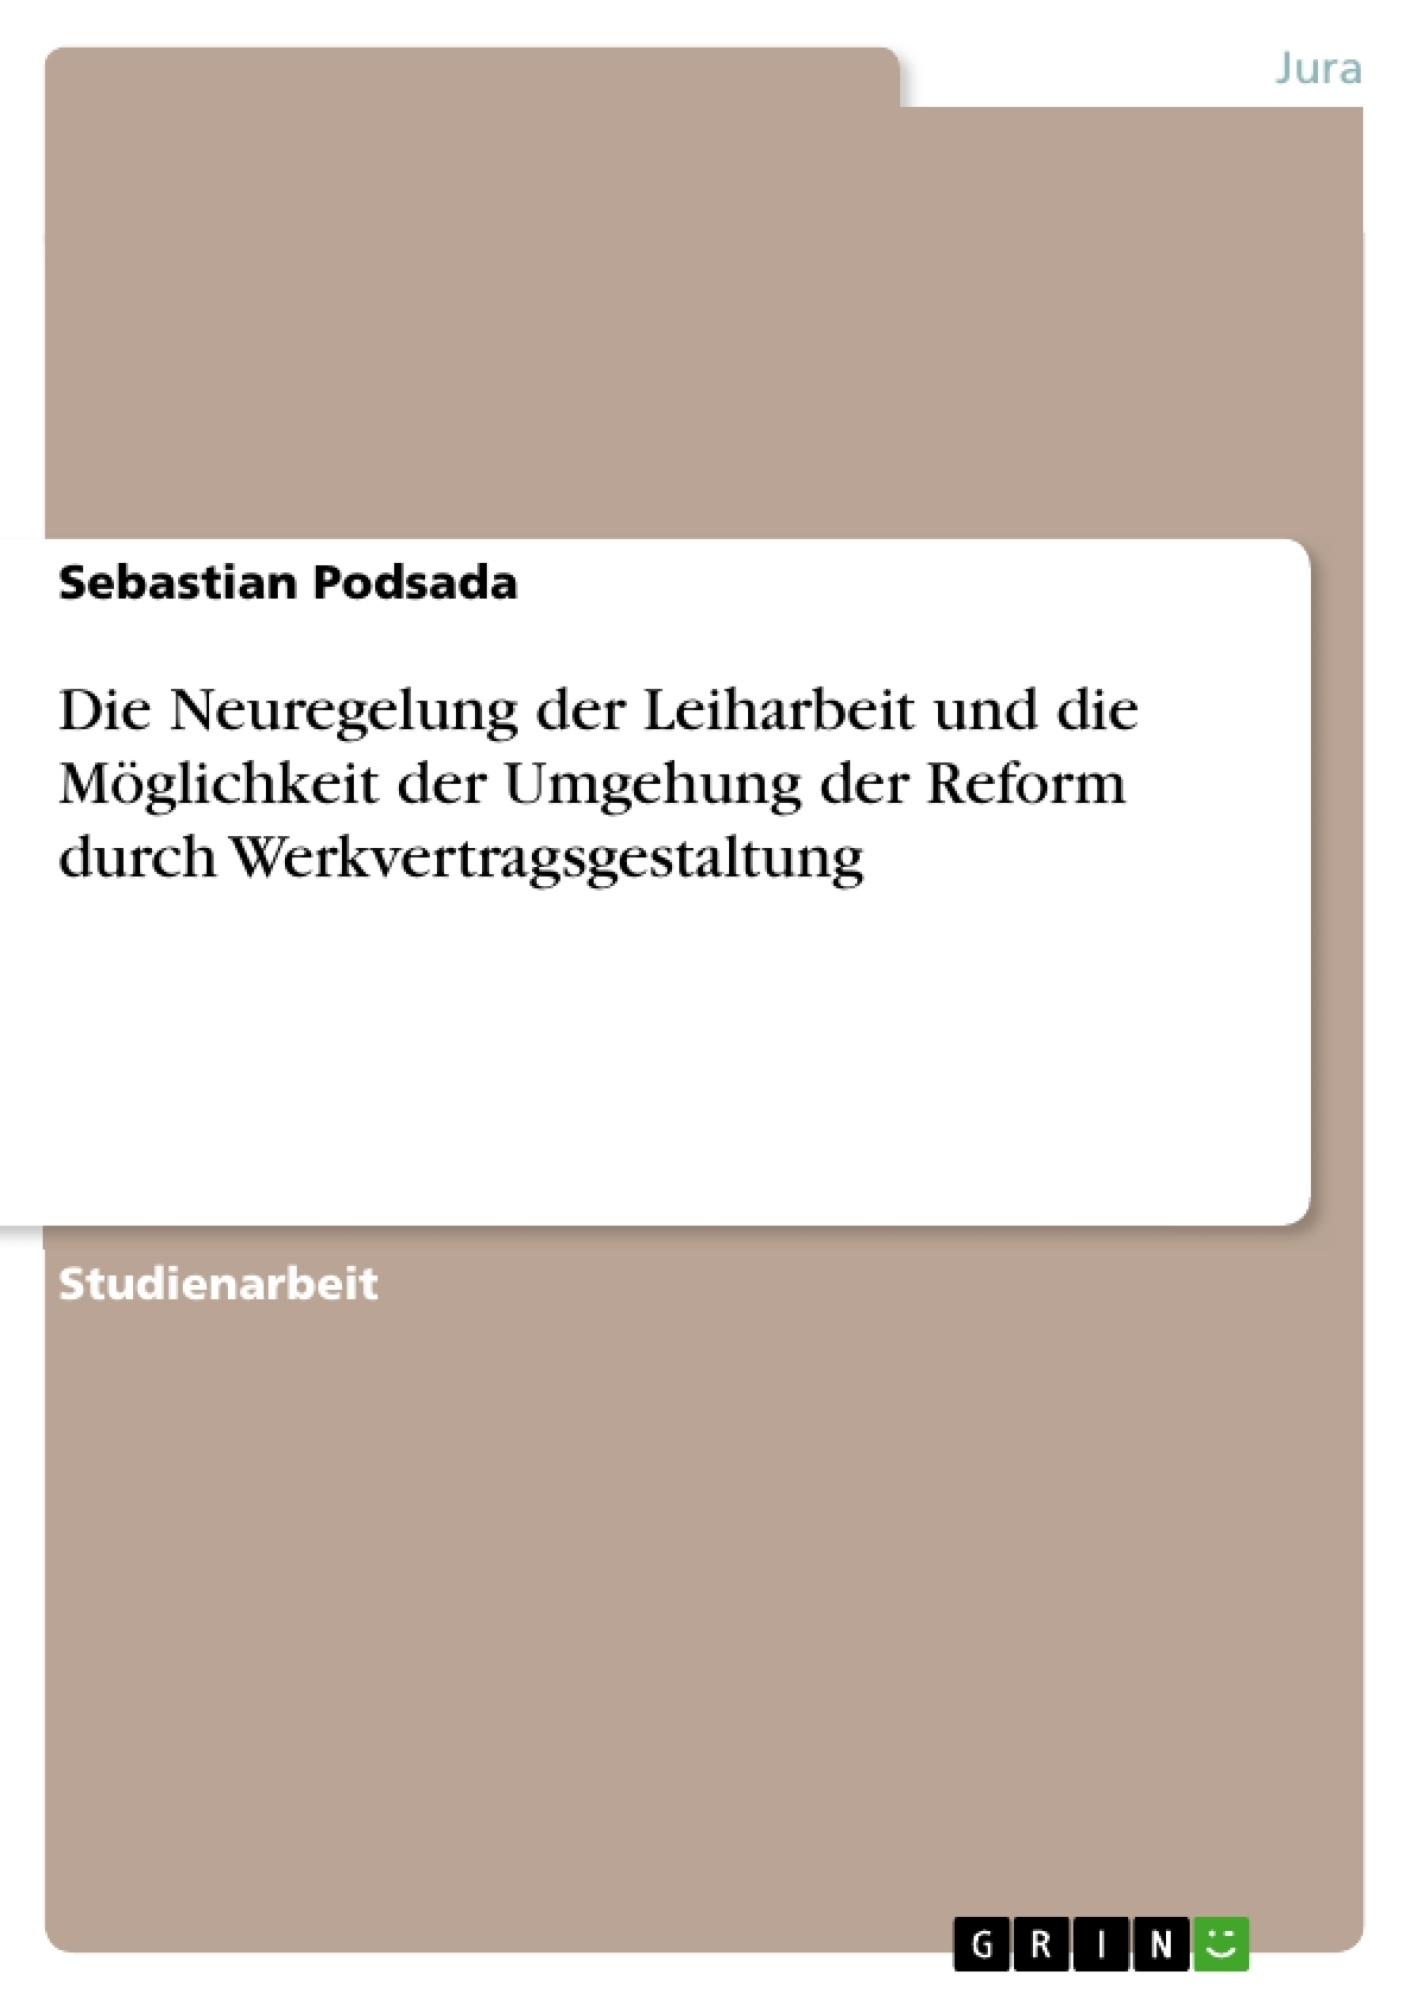 Titel: Die Neuregelung der Leiharbeit und die Möglichkeit der Umgehung der Reform durch Werkvertragsgestaltung